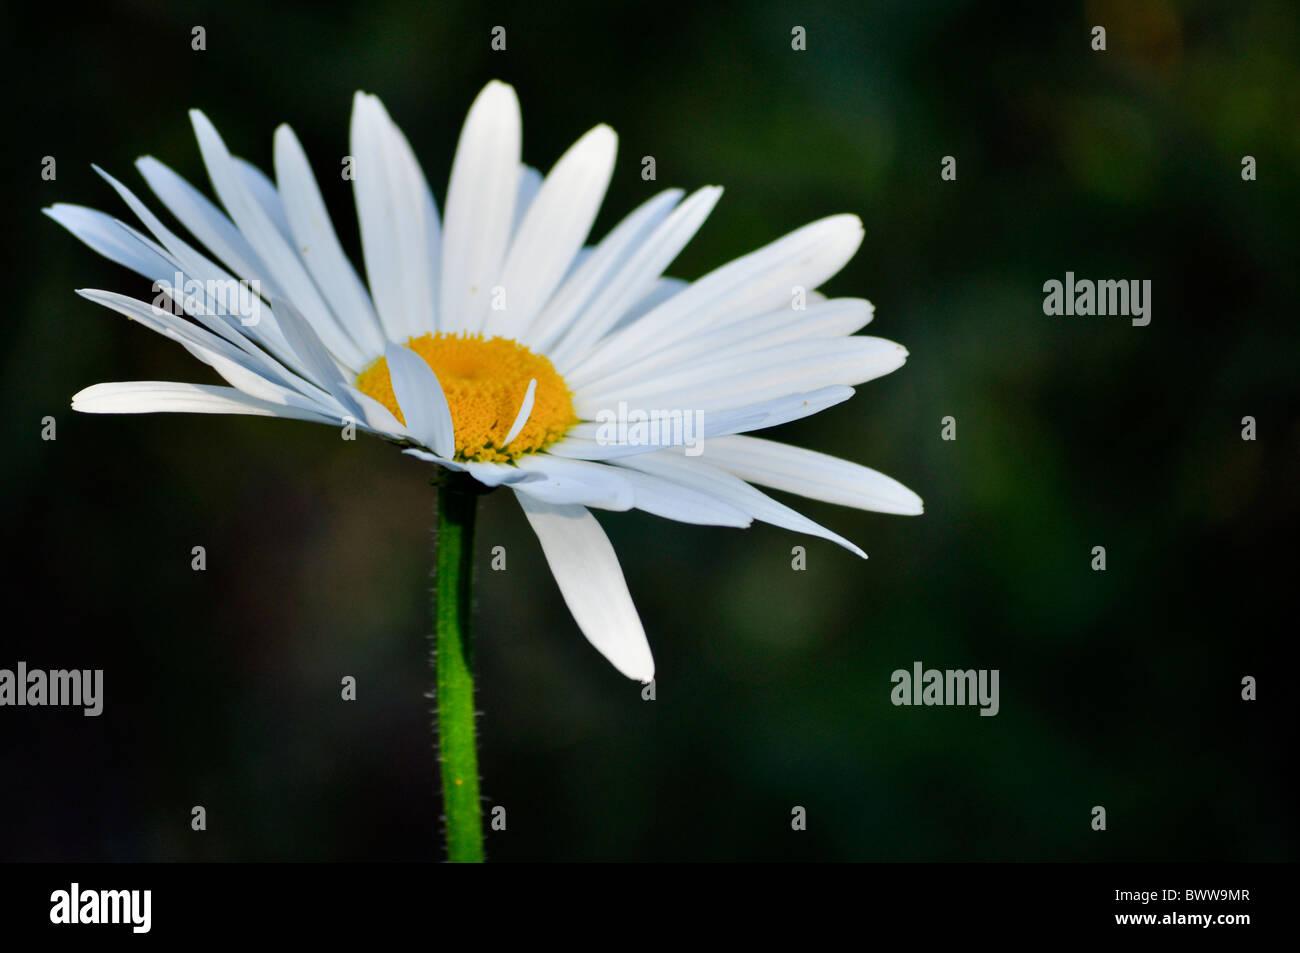 einem einzigen Daisy weiß auf dunklem Hintergrund isoliert Stockbild